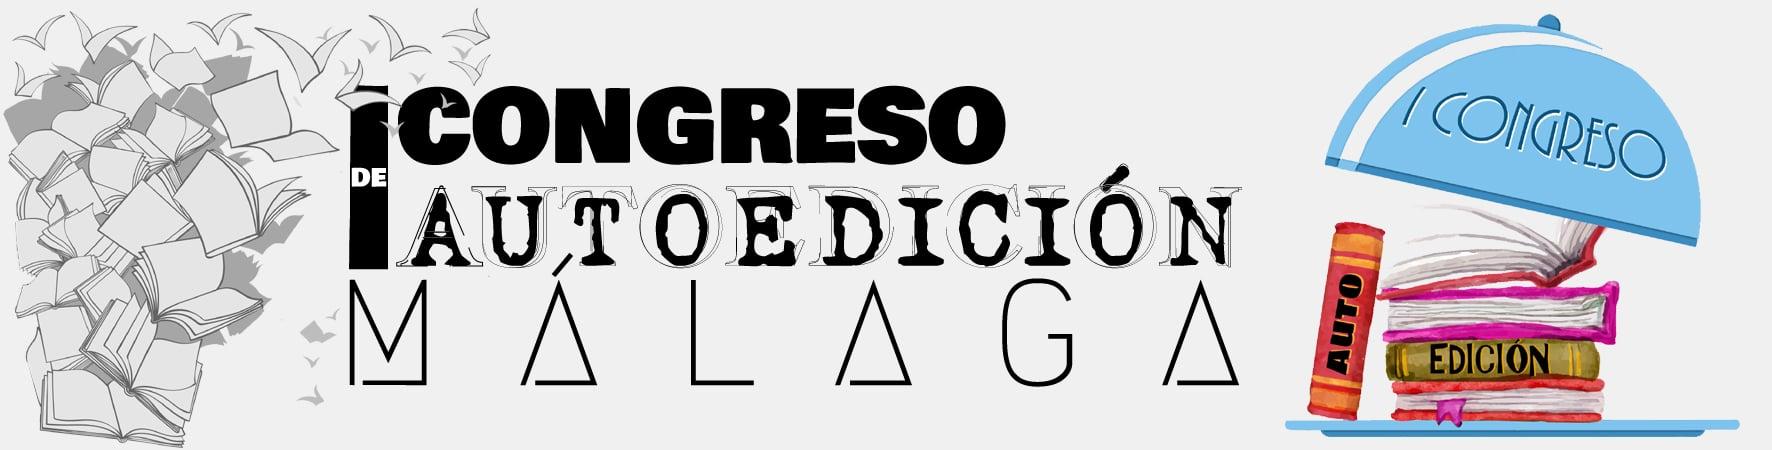 EntreLineas_AutoedicionPag